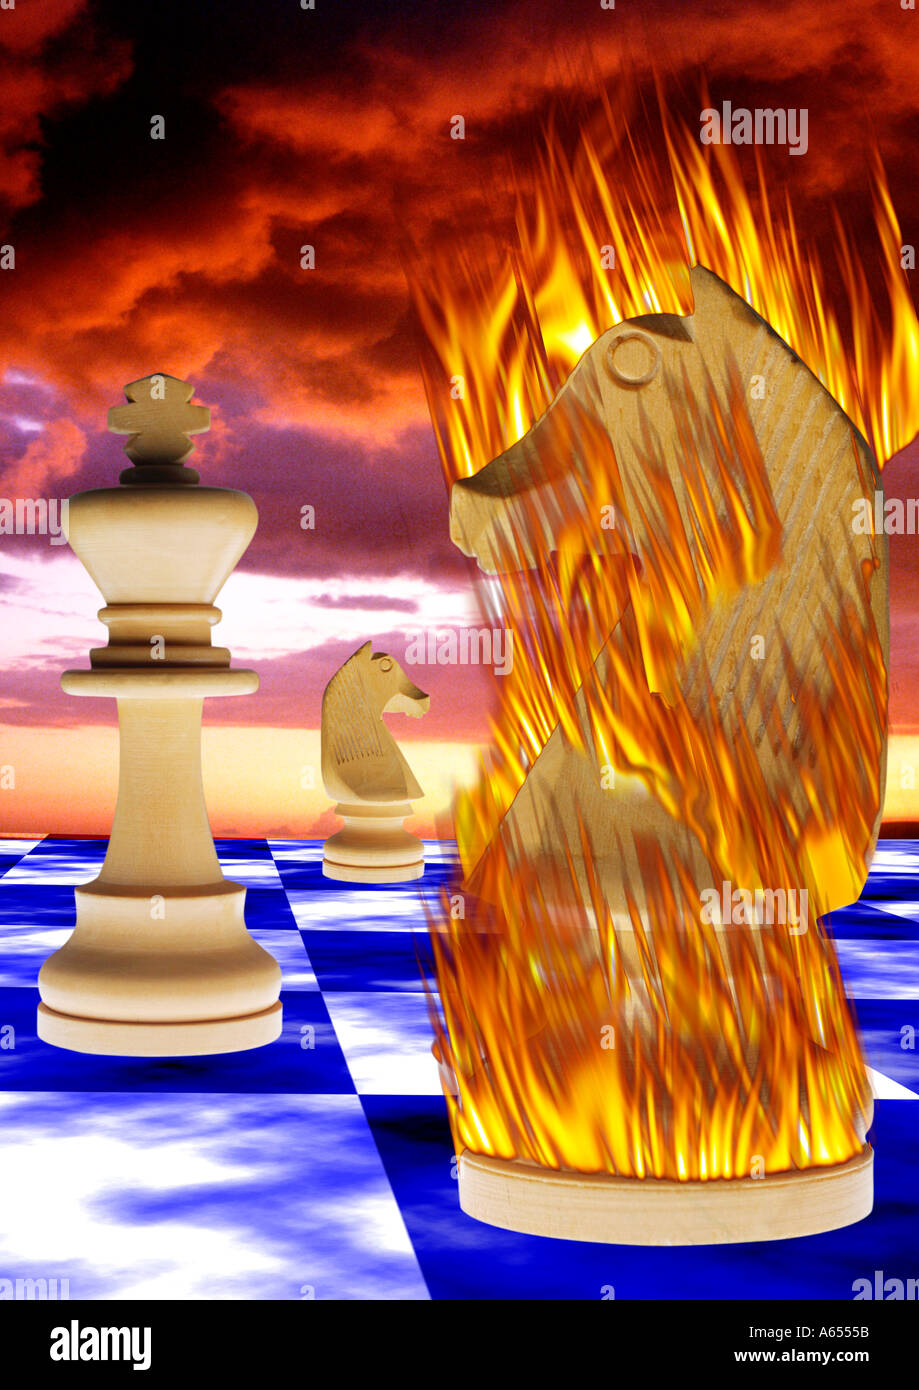 Jeu d'échecs géant Pièce Gravure concept abstrait effets spéciaux Photo Stock